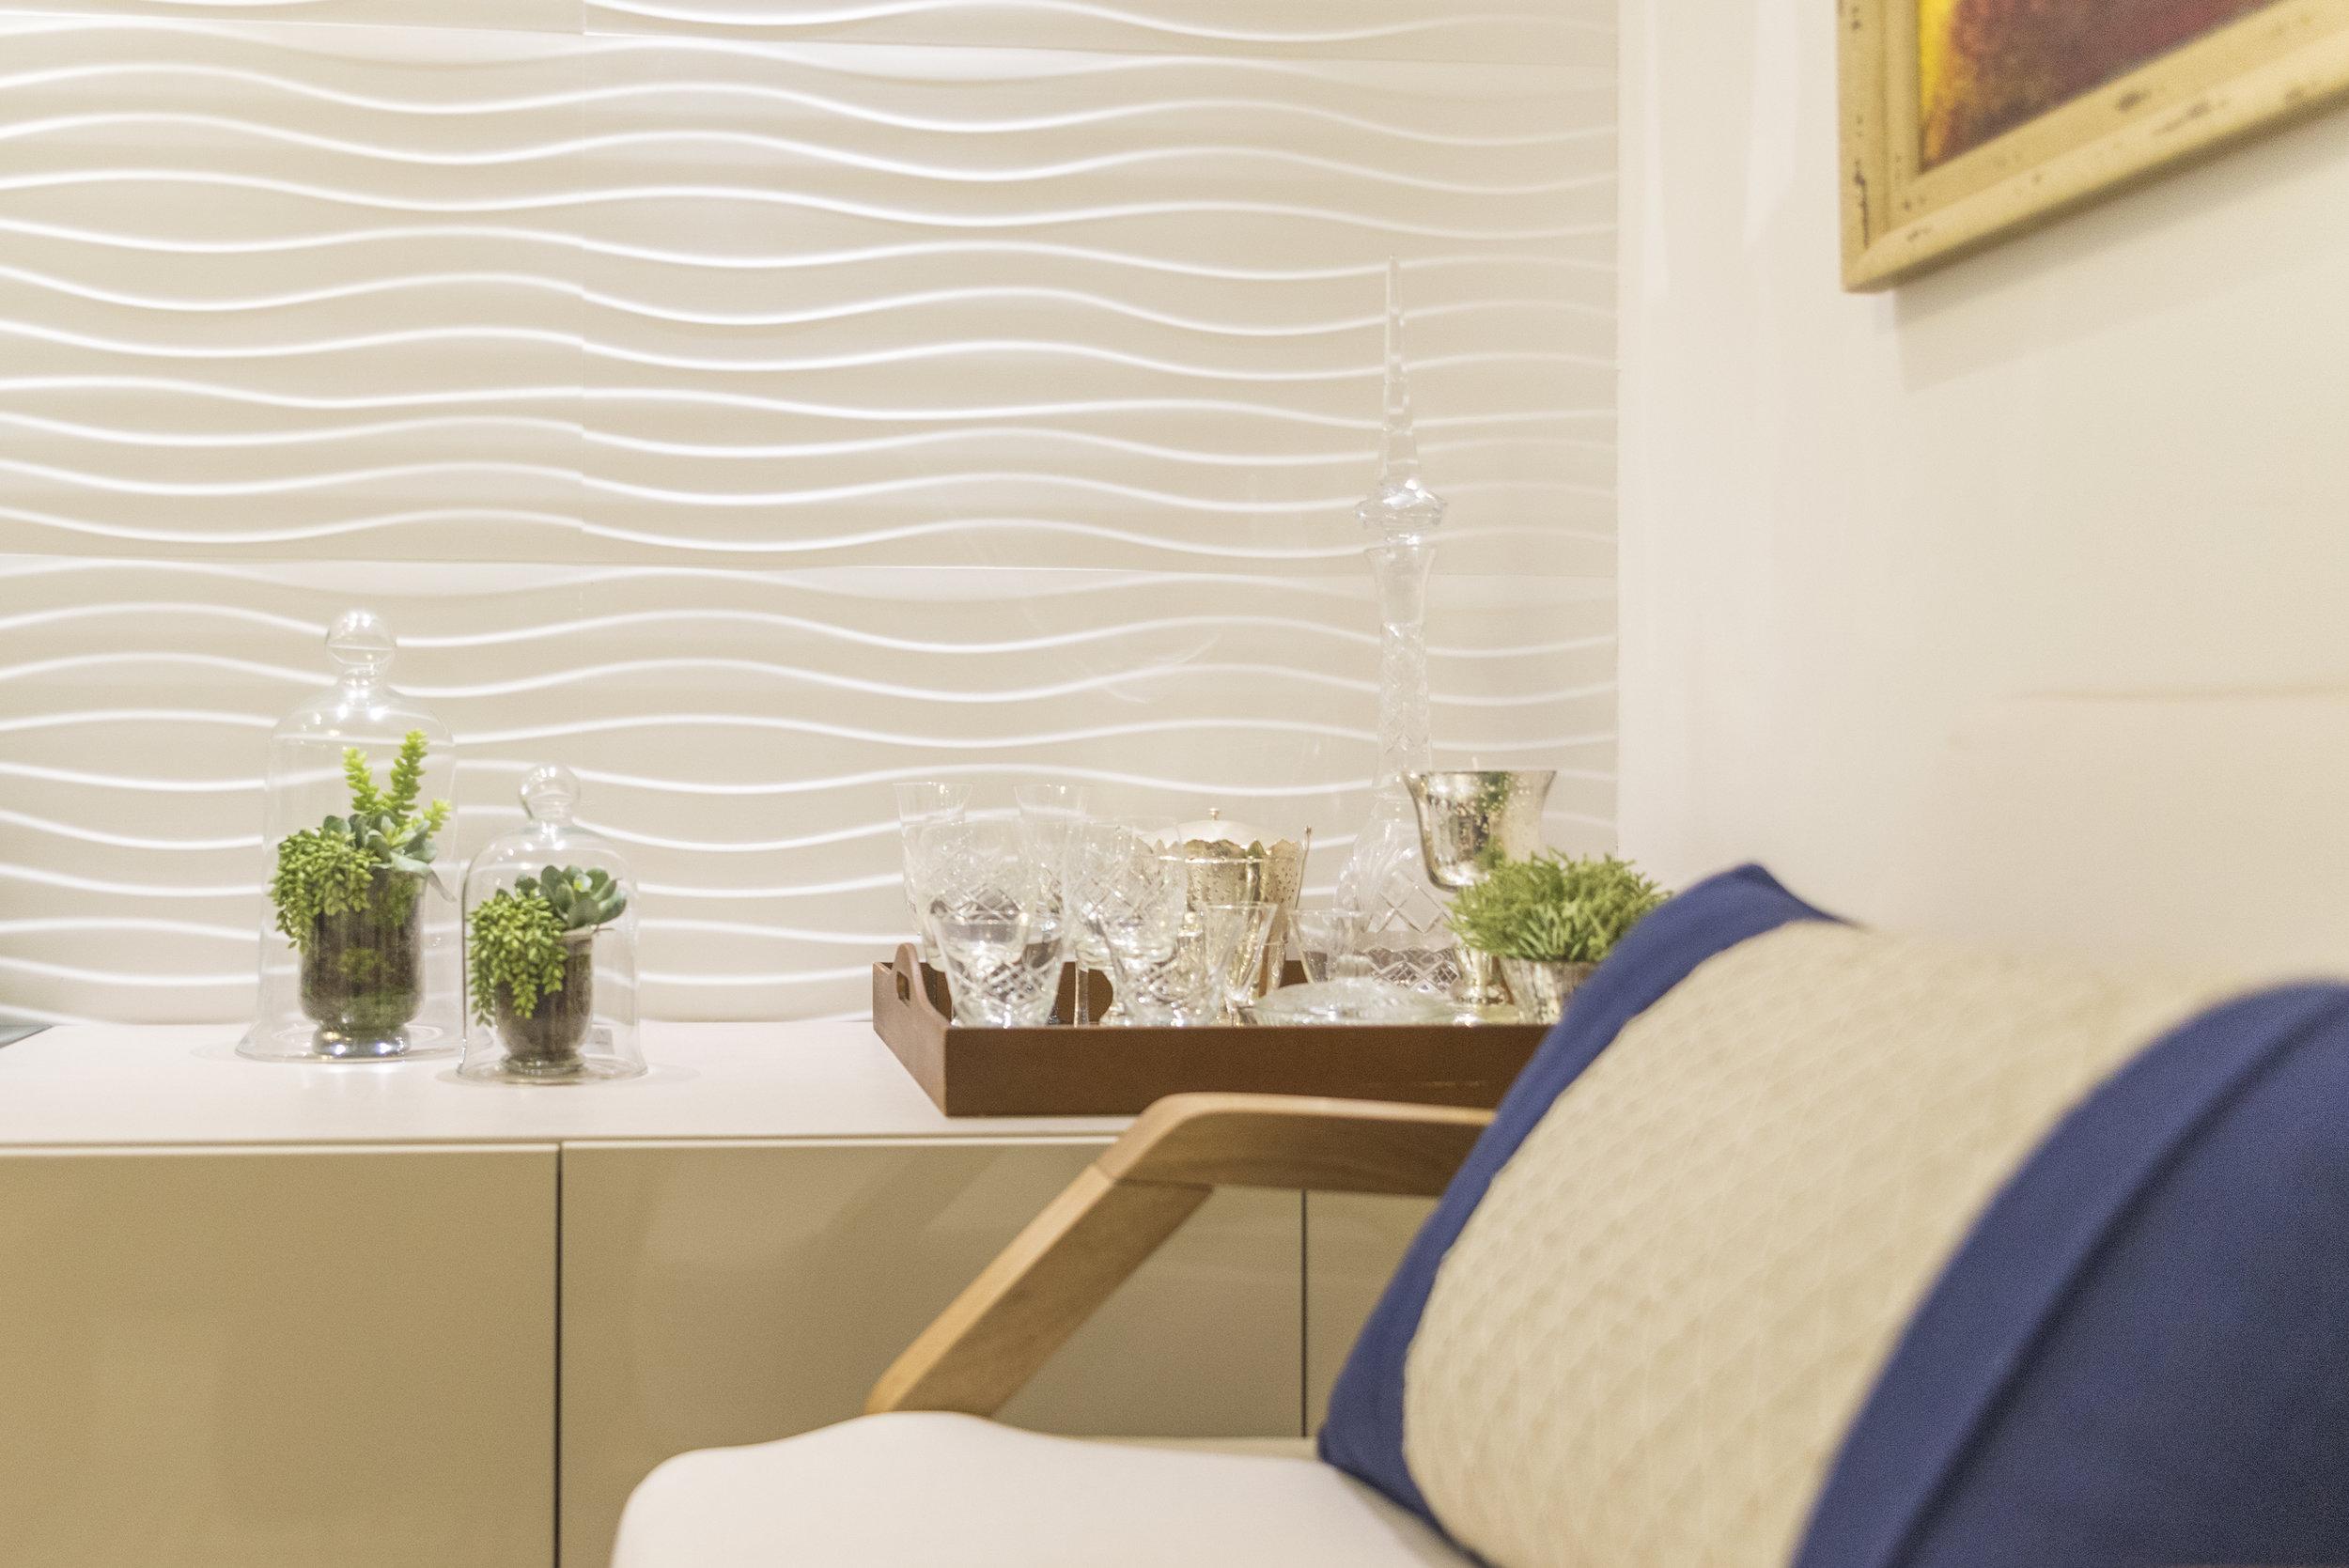 projeto-arquitetonico-luciananilton-duo-arquitetura-apartamentos-natal-031.jpg